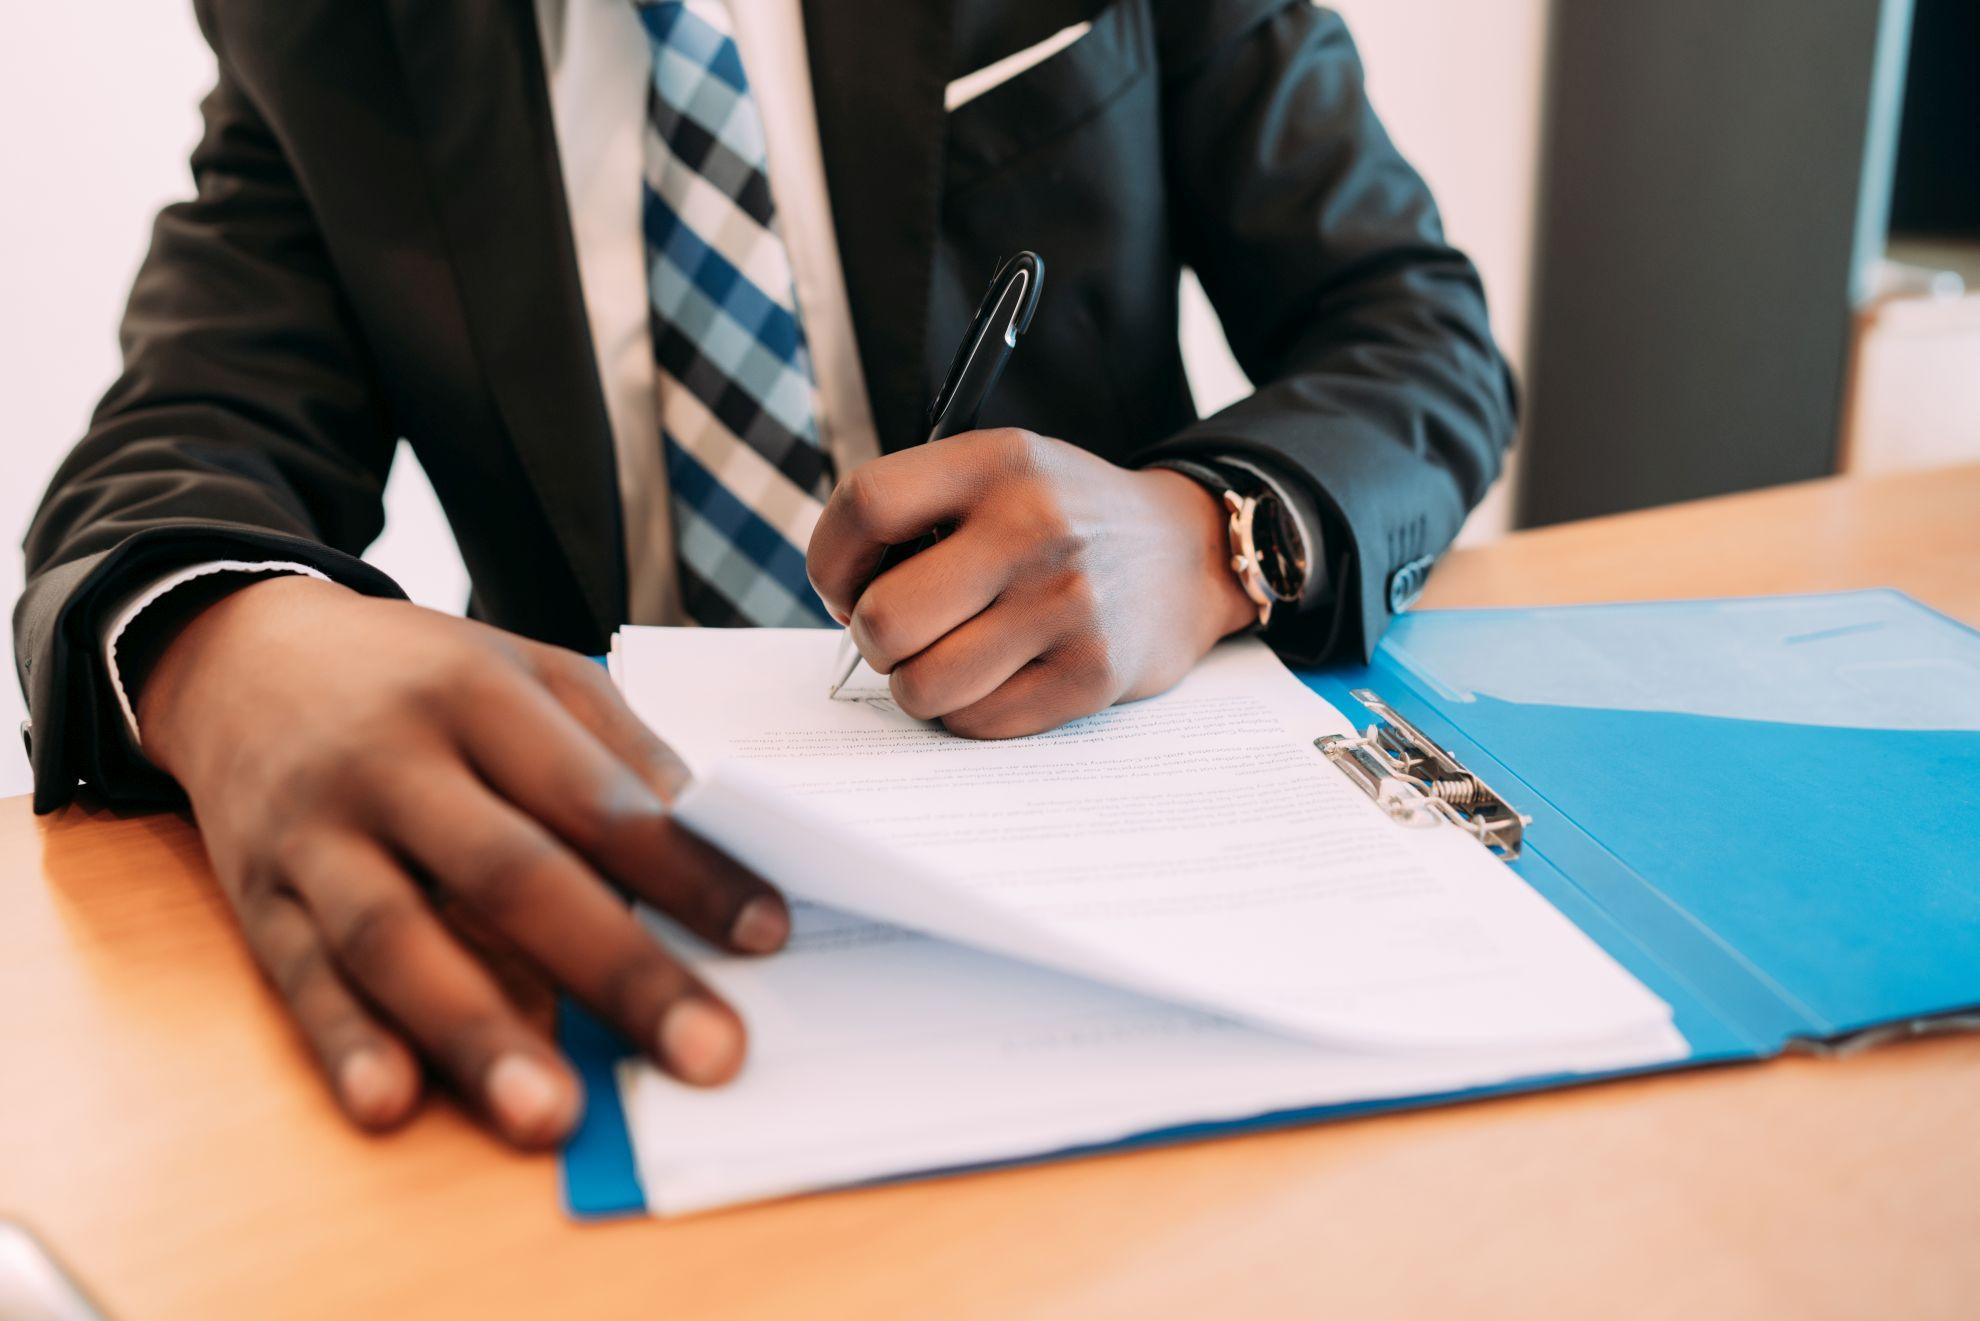 Imagem mostra empreendedor assinando documentação para abrir uma empresa